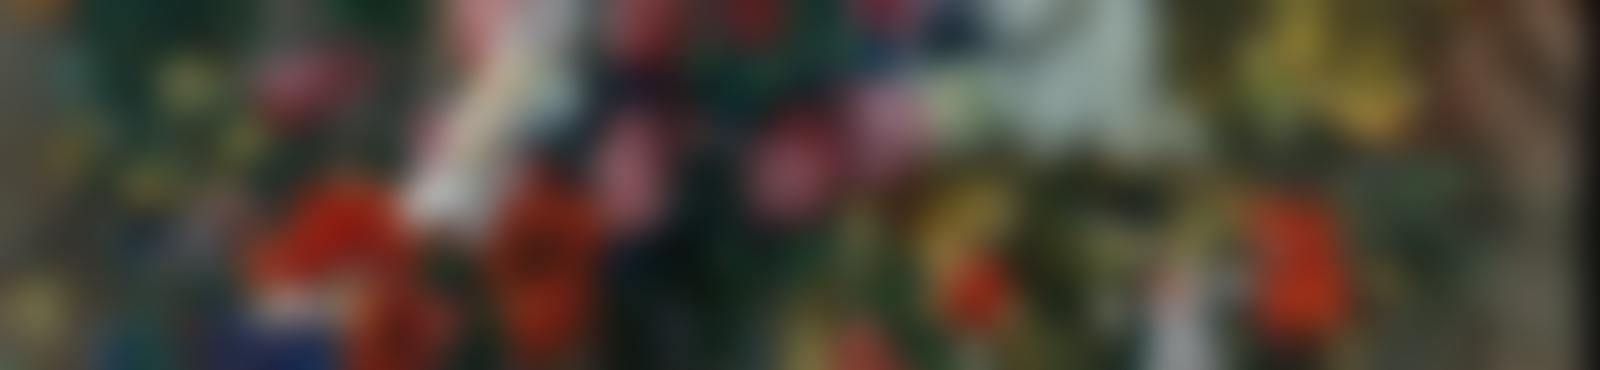 Blurred f878d5d6 7dc3 4160 b4b8 993044532629